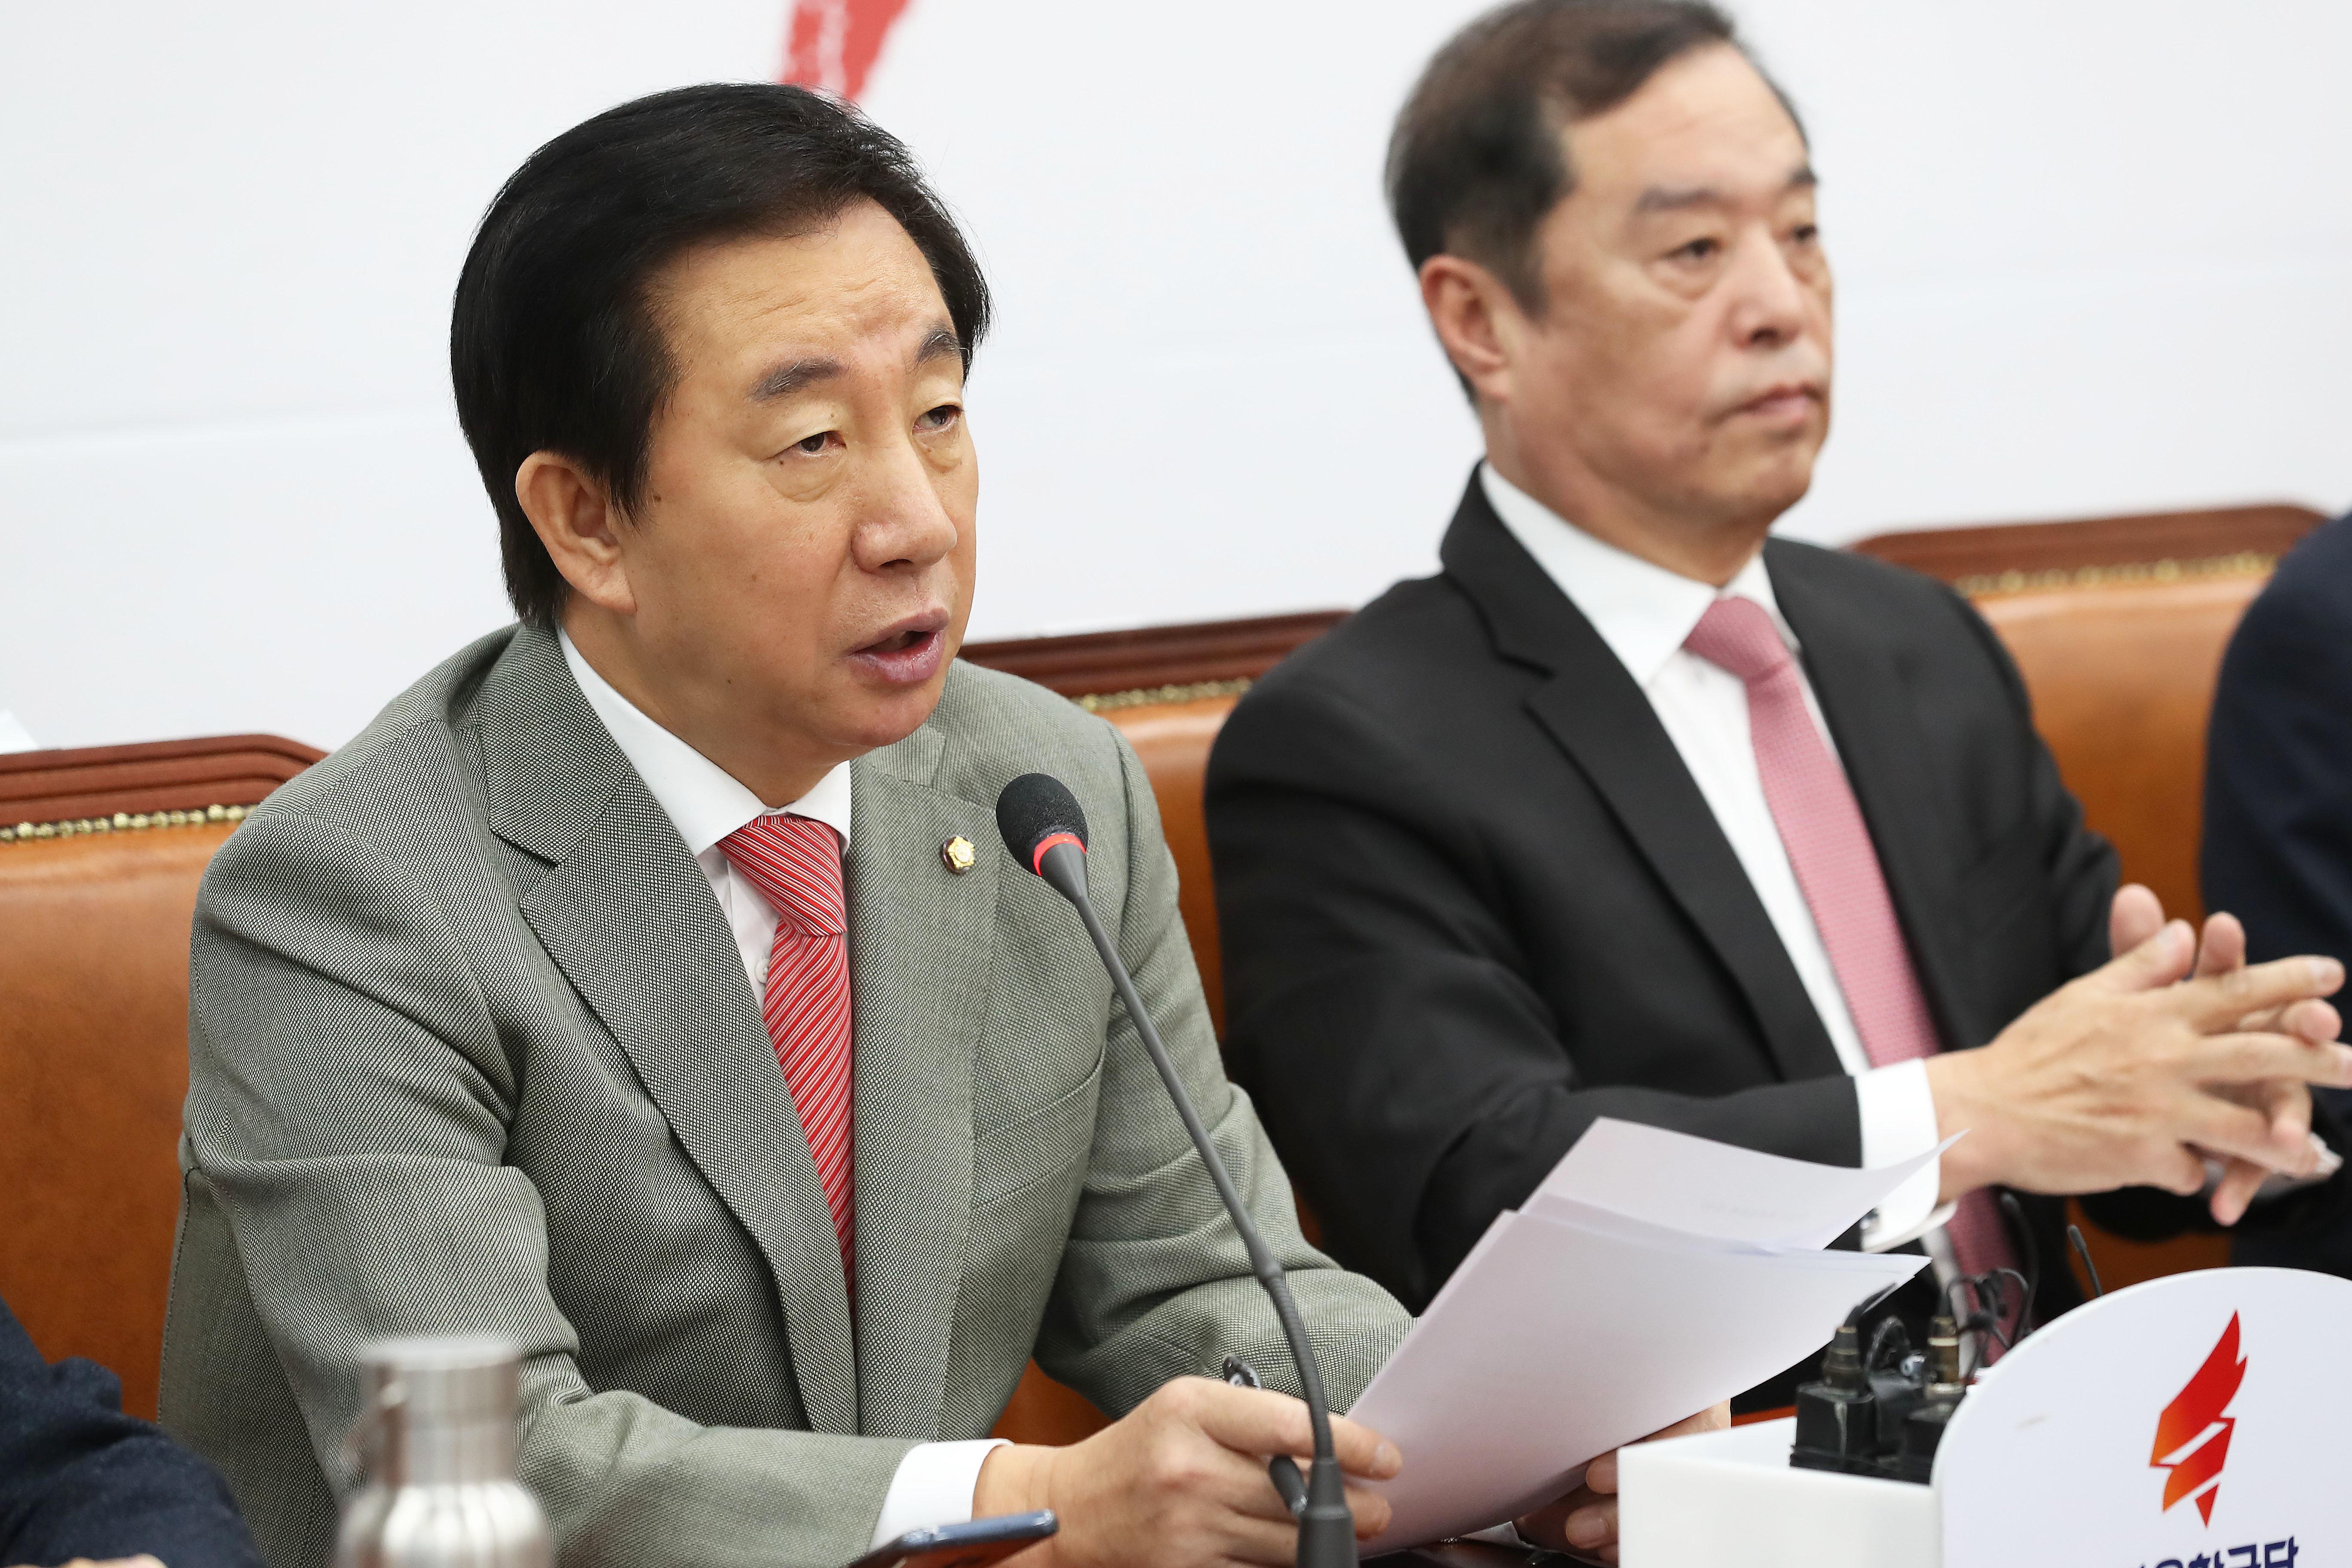 '타임 올해의 인물' 후보에 오른 문재인 대통령에 대한 김성태의